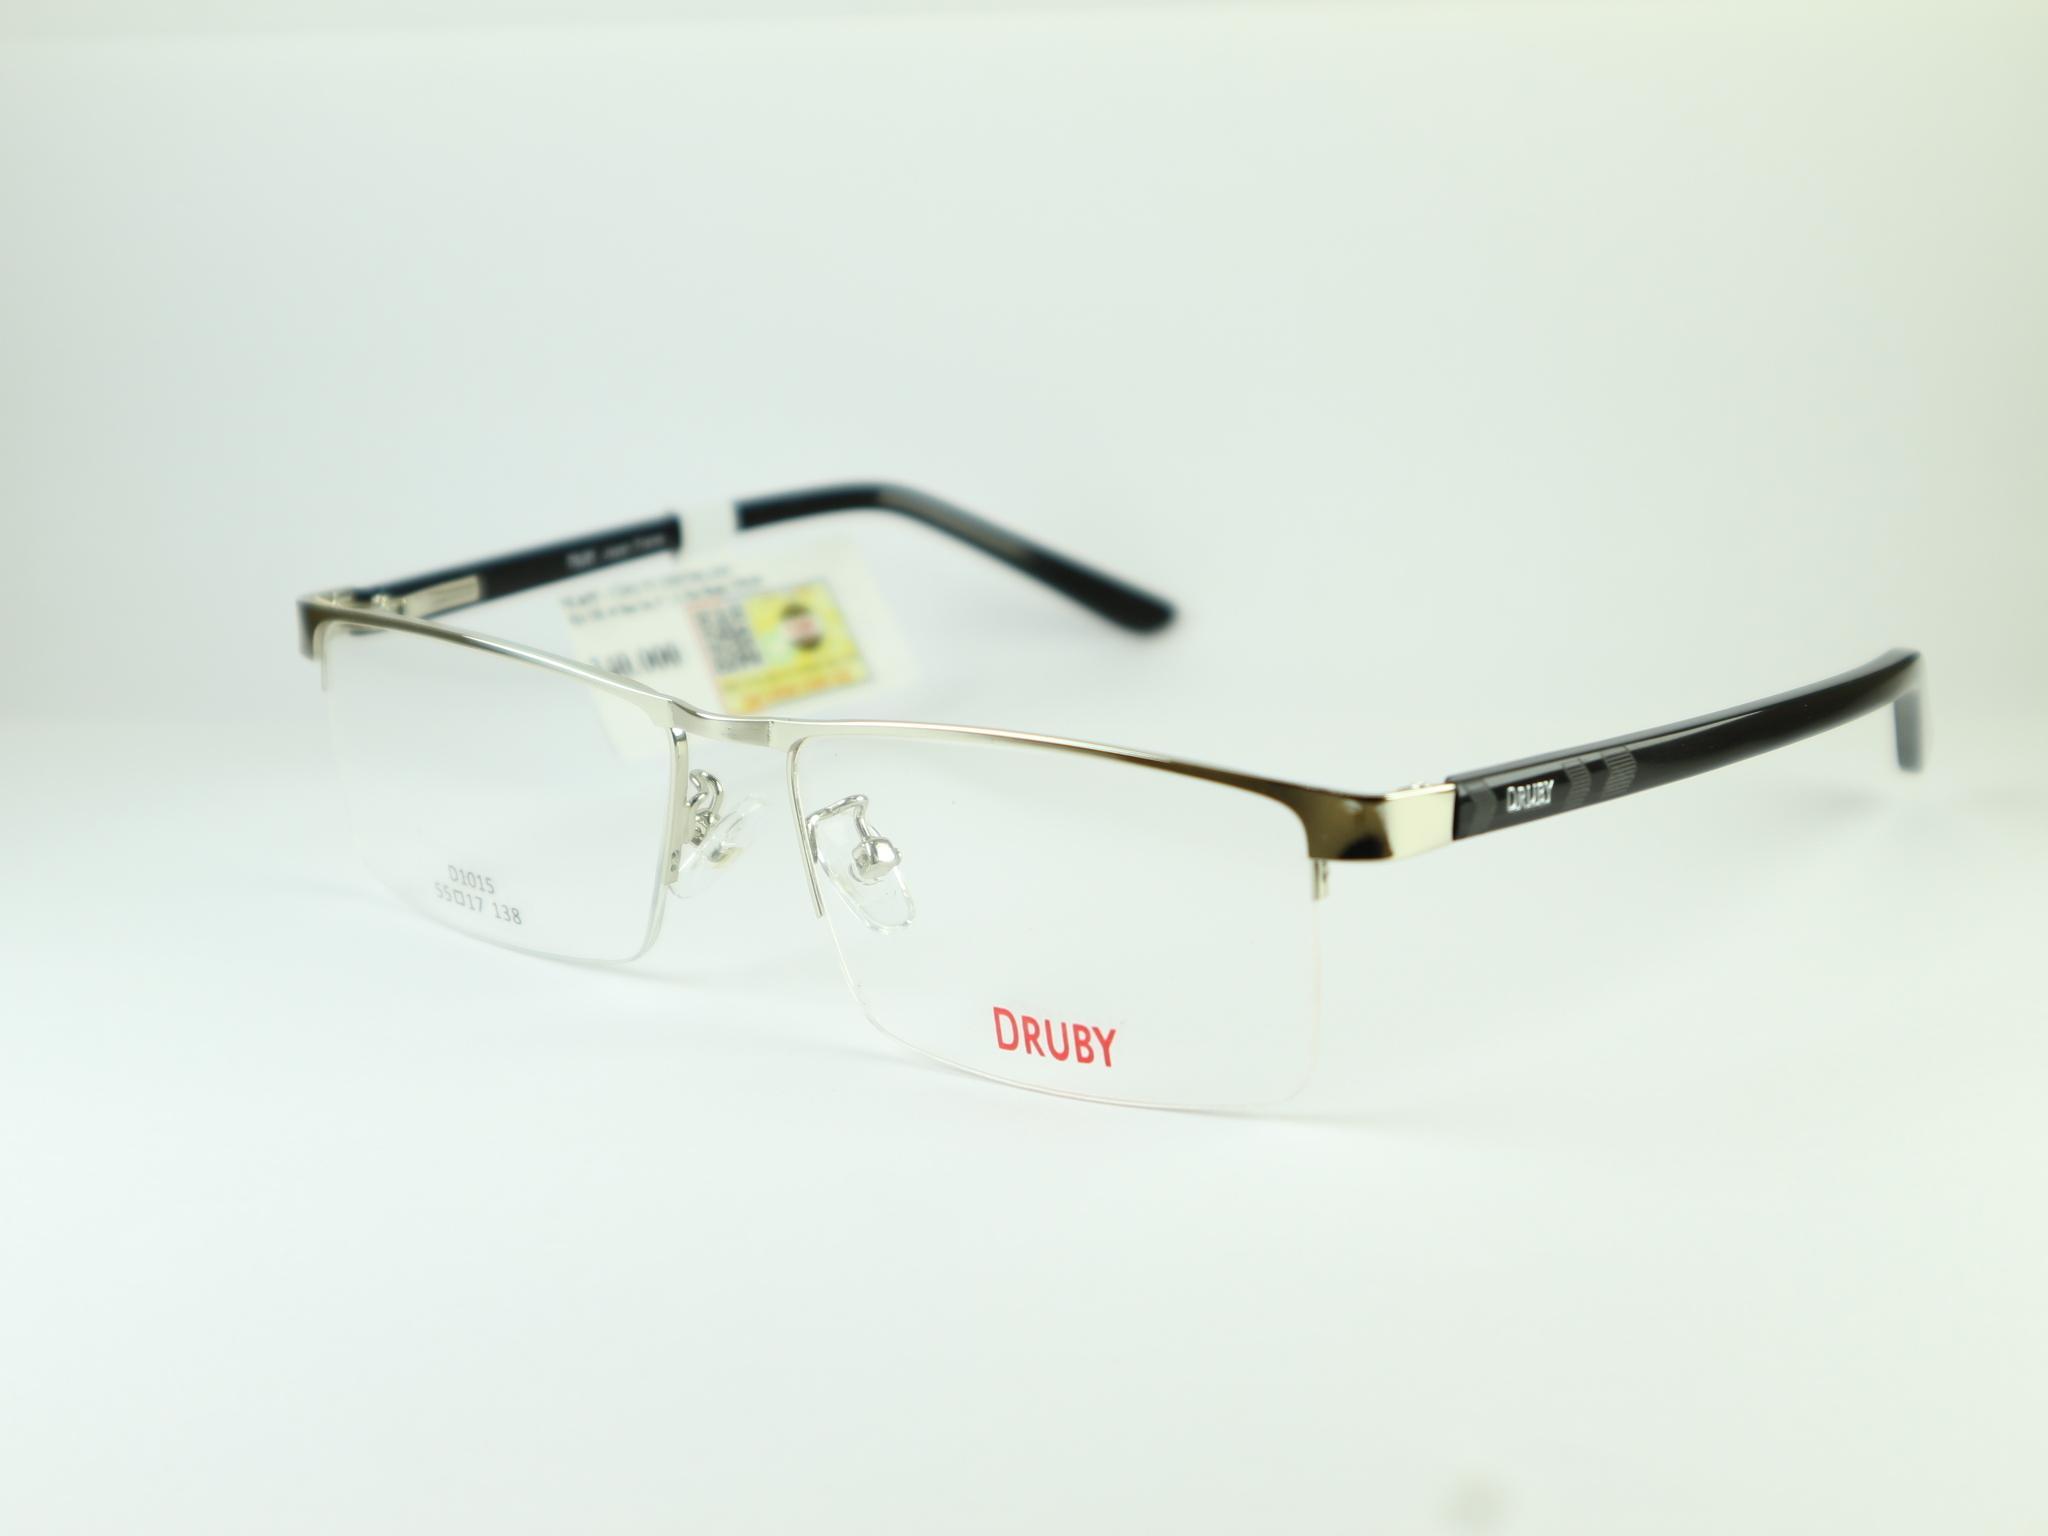 Gọng kính Druby D1015 Nhật Bản